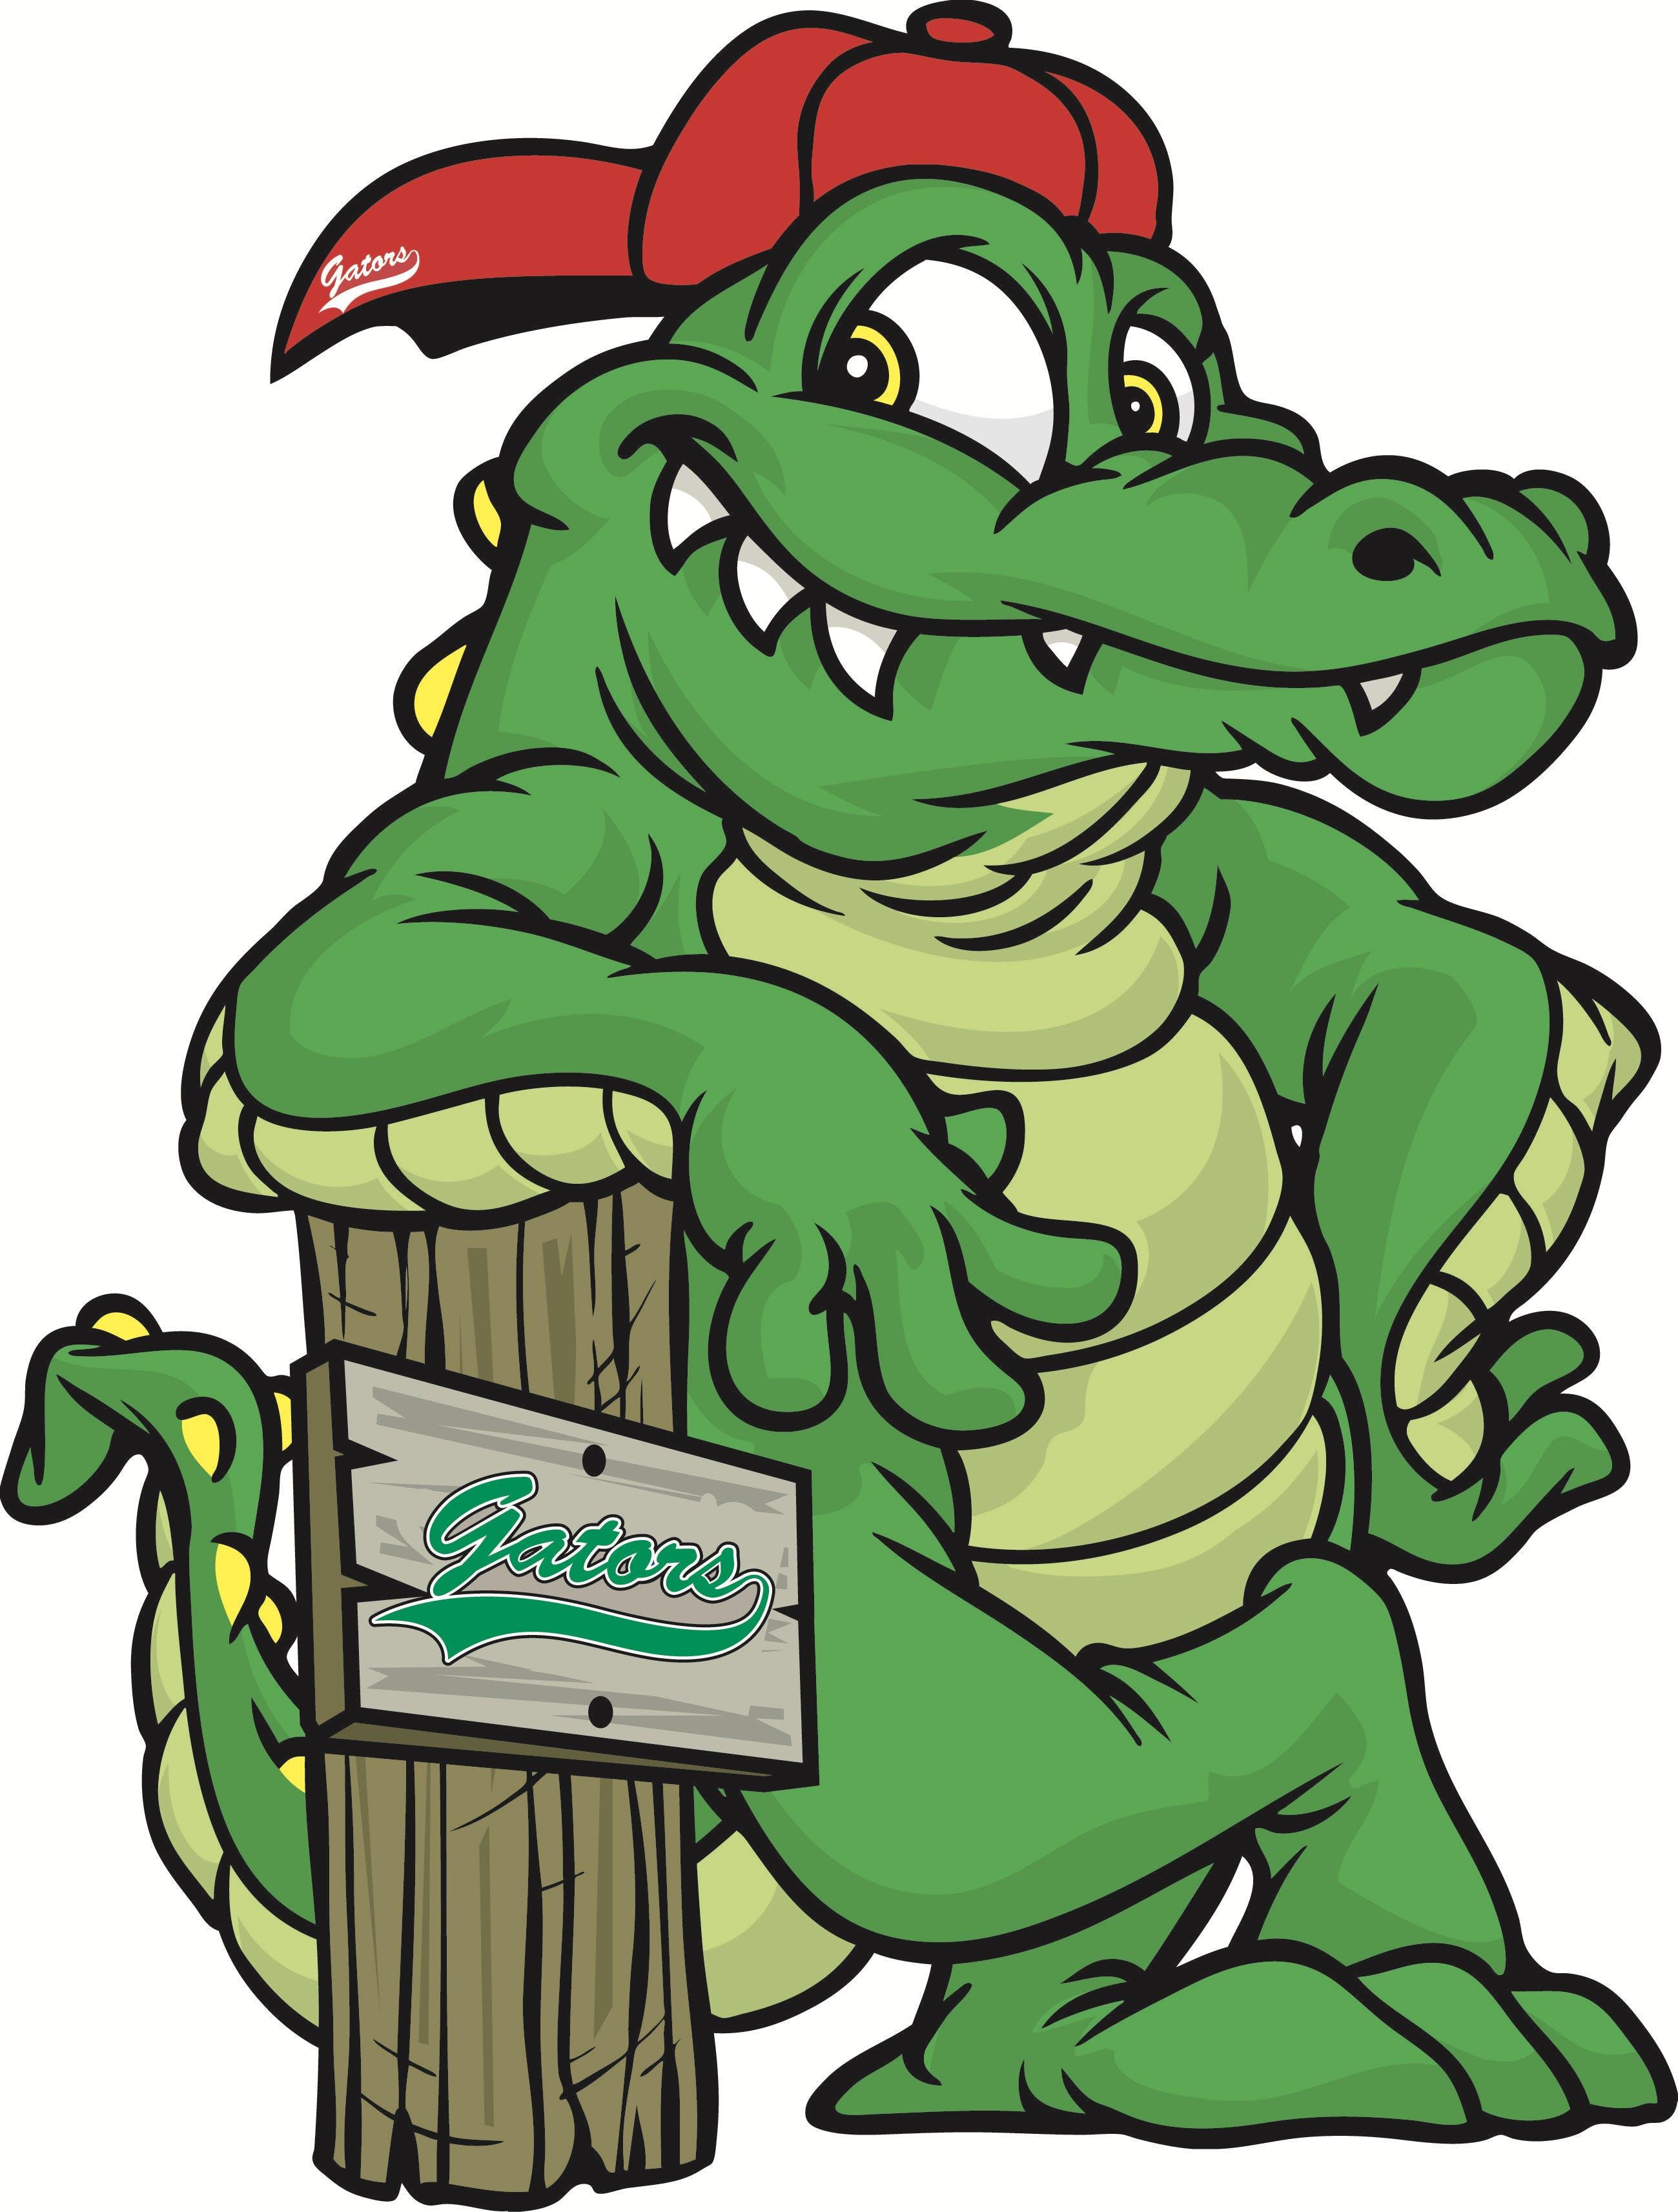 Gatorsday!